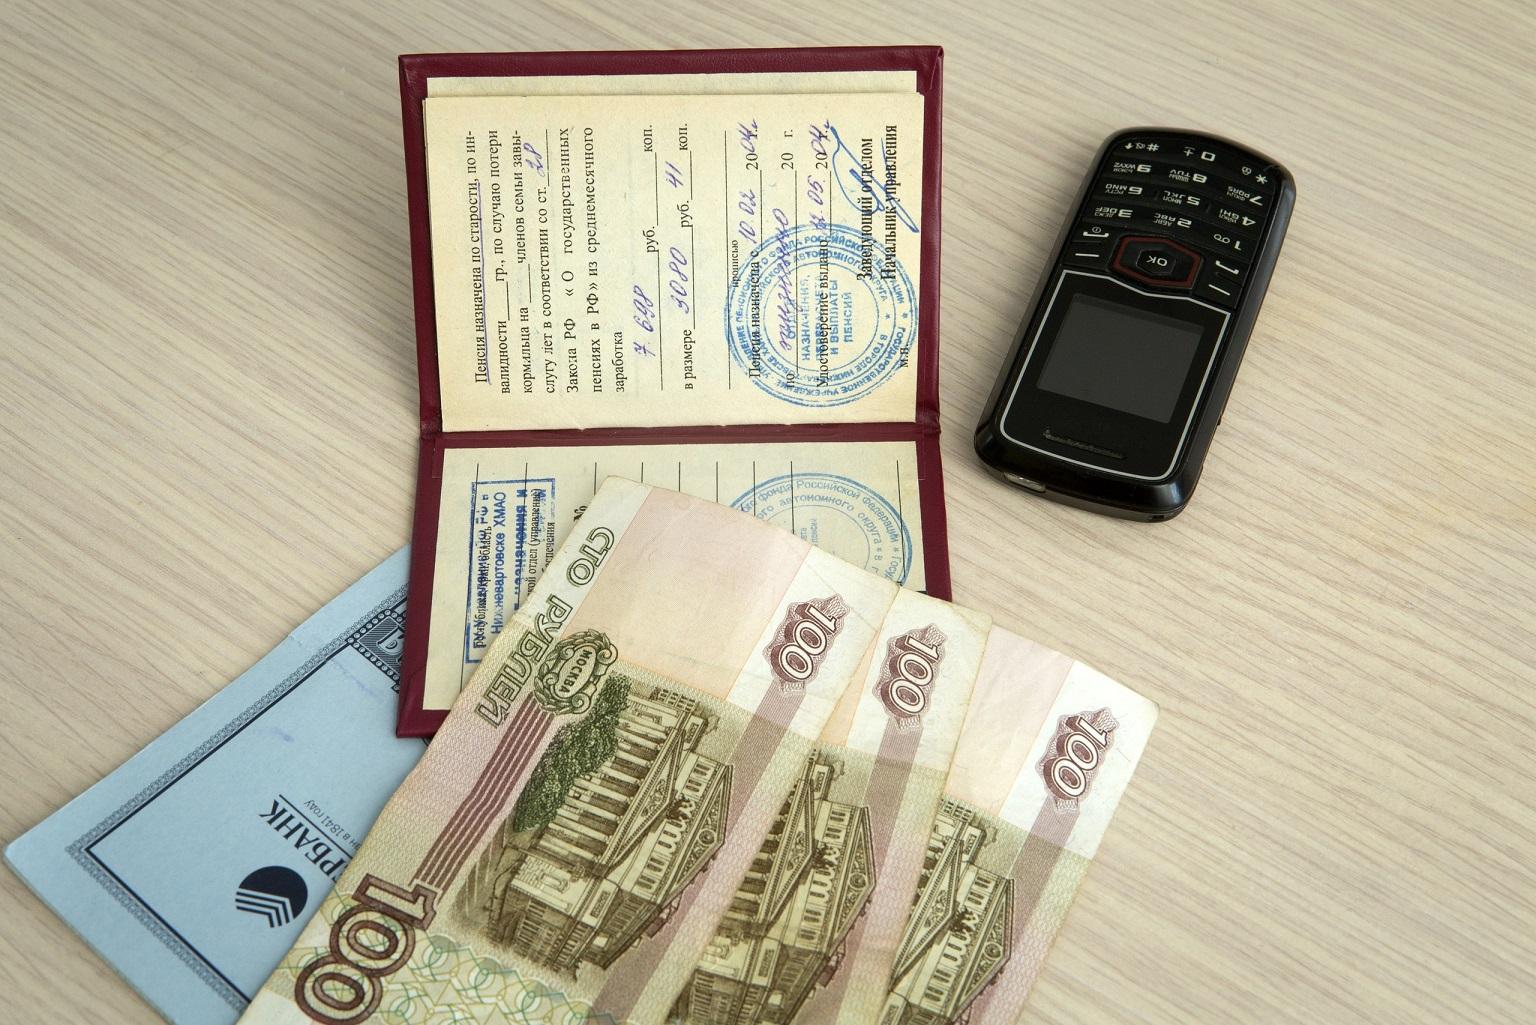 В России увеличили «возрастную» надбавку к пенсии на 400 рублей